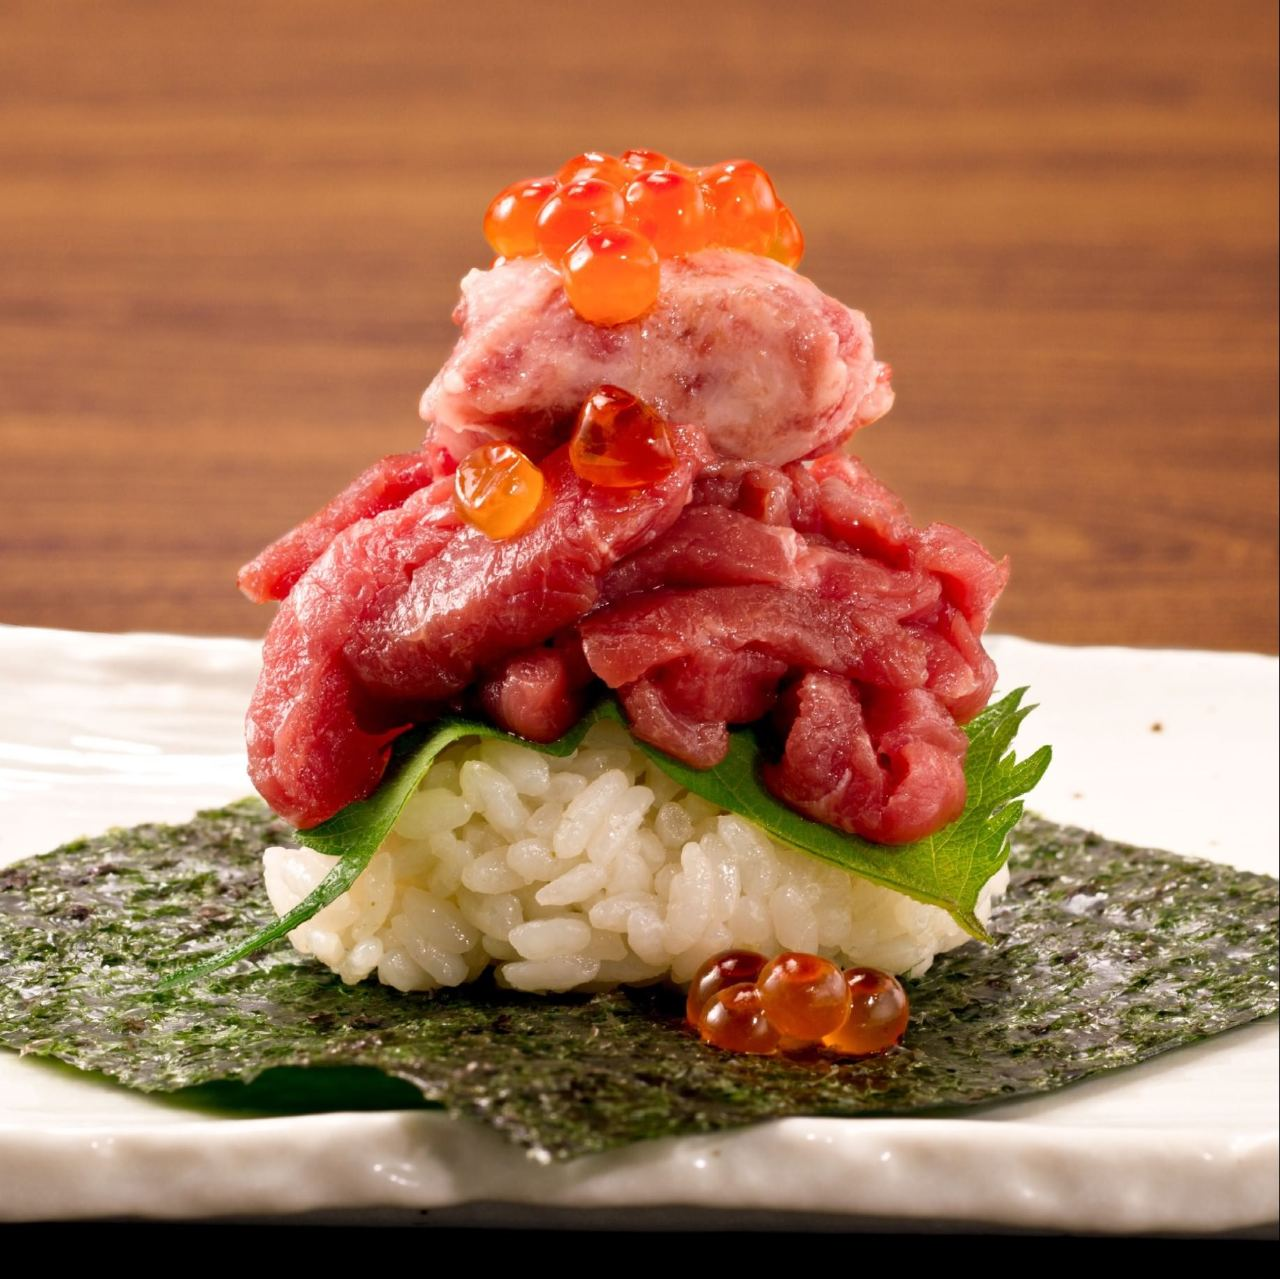 津田沼肉寿司の人気メニューをお楽しみください!